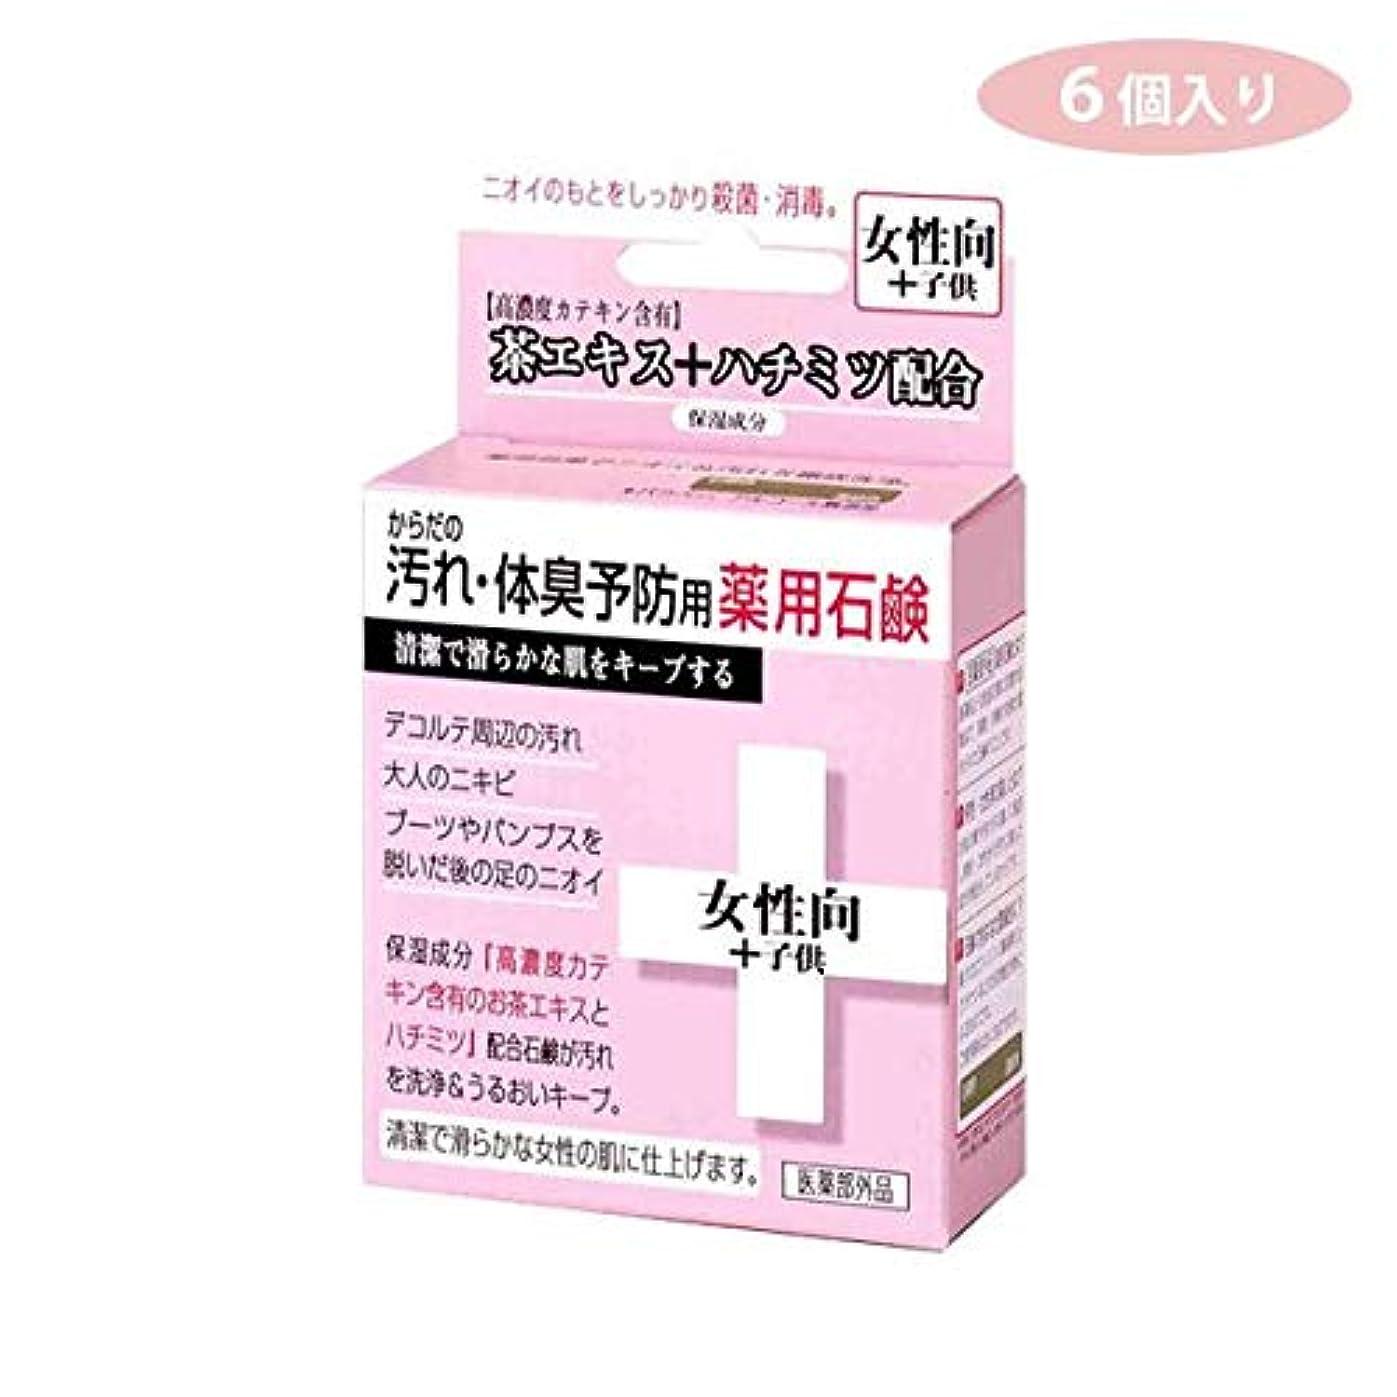 稼ぐ無力咳CTY-SF 6個入り からだの汚れ?体臭予防用 薬用石鹸 女性向き